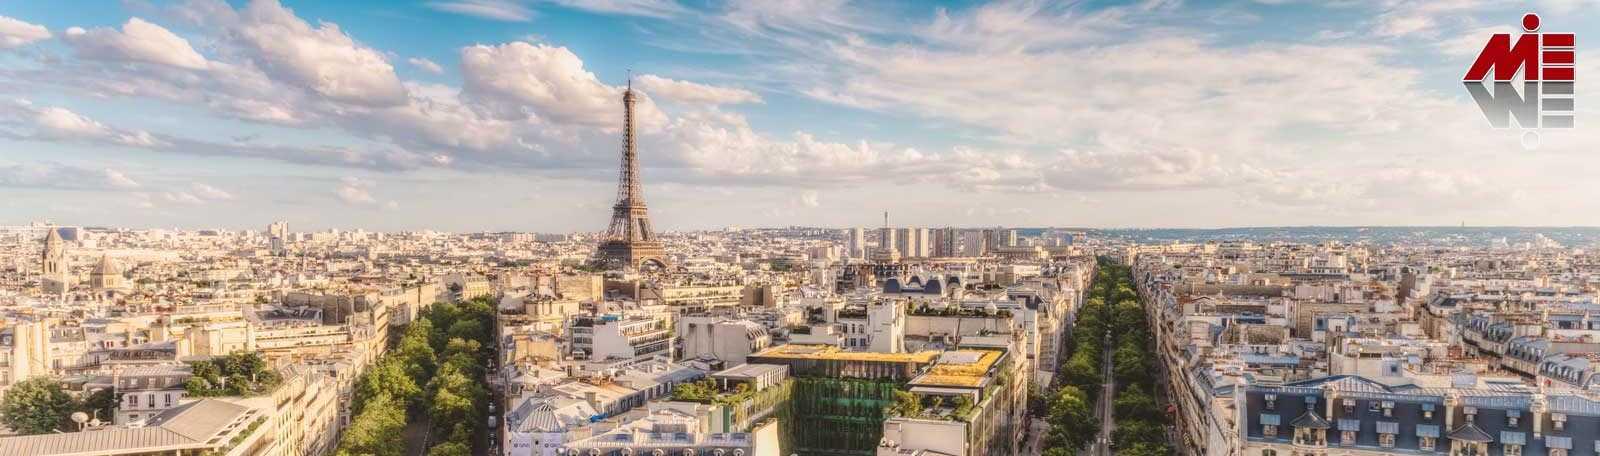 خرید ملک در فرانسه 6 خرید ملک در فرانسه